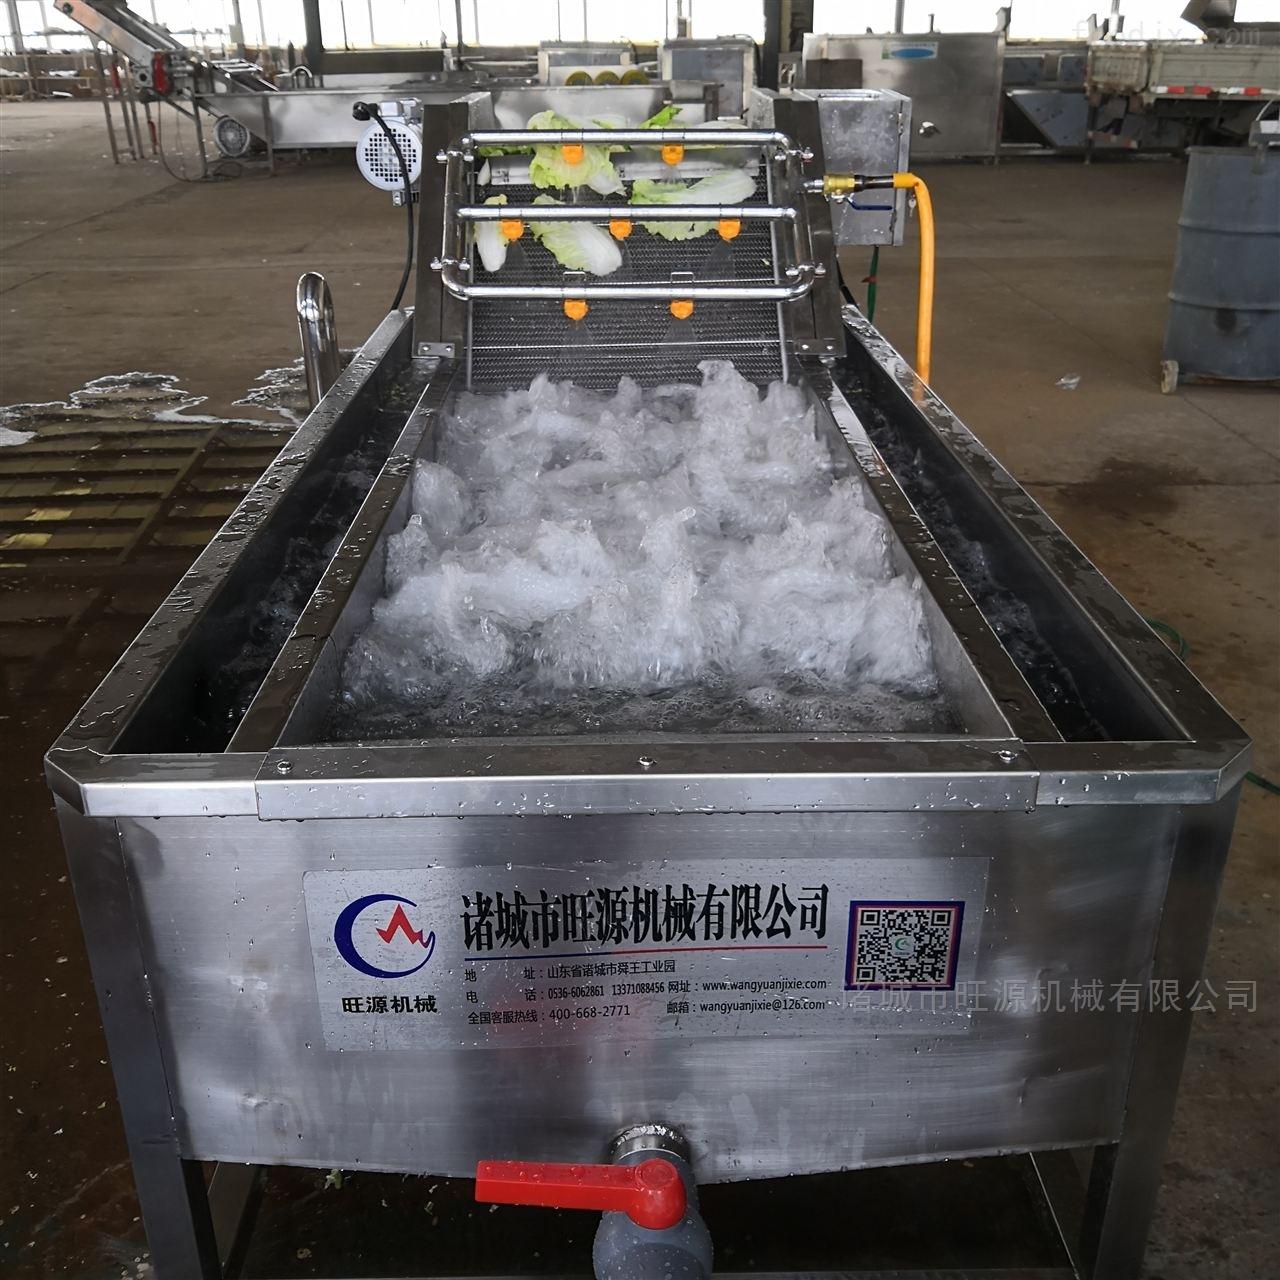 菠菜冲浪式清洗机/高压气泡喷淋清洗设备